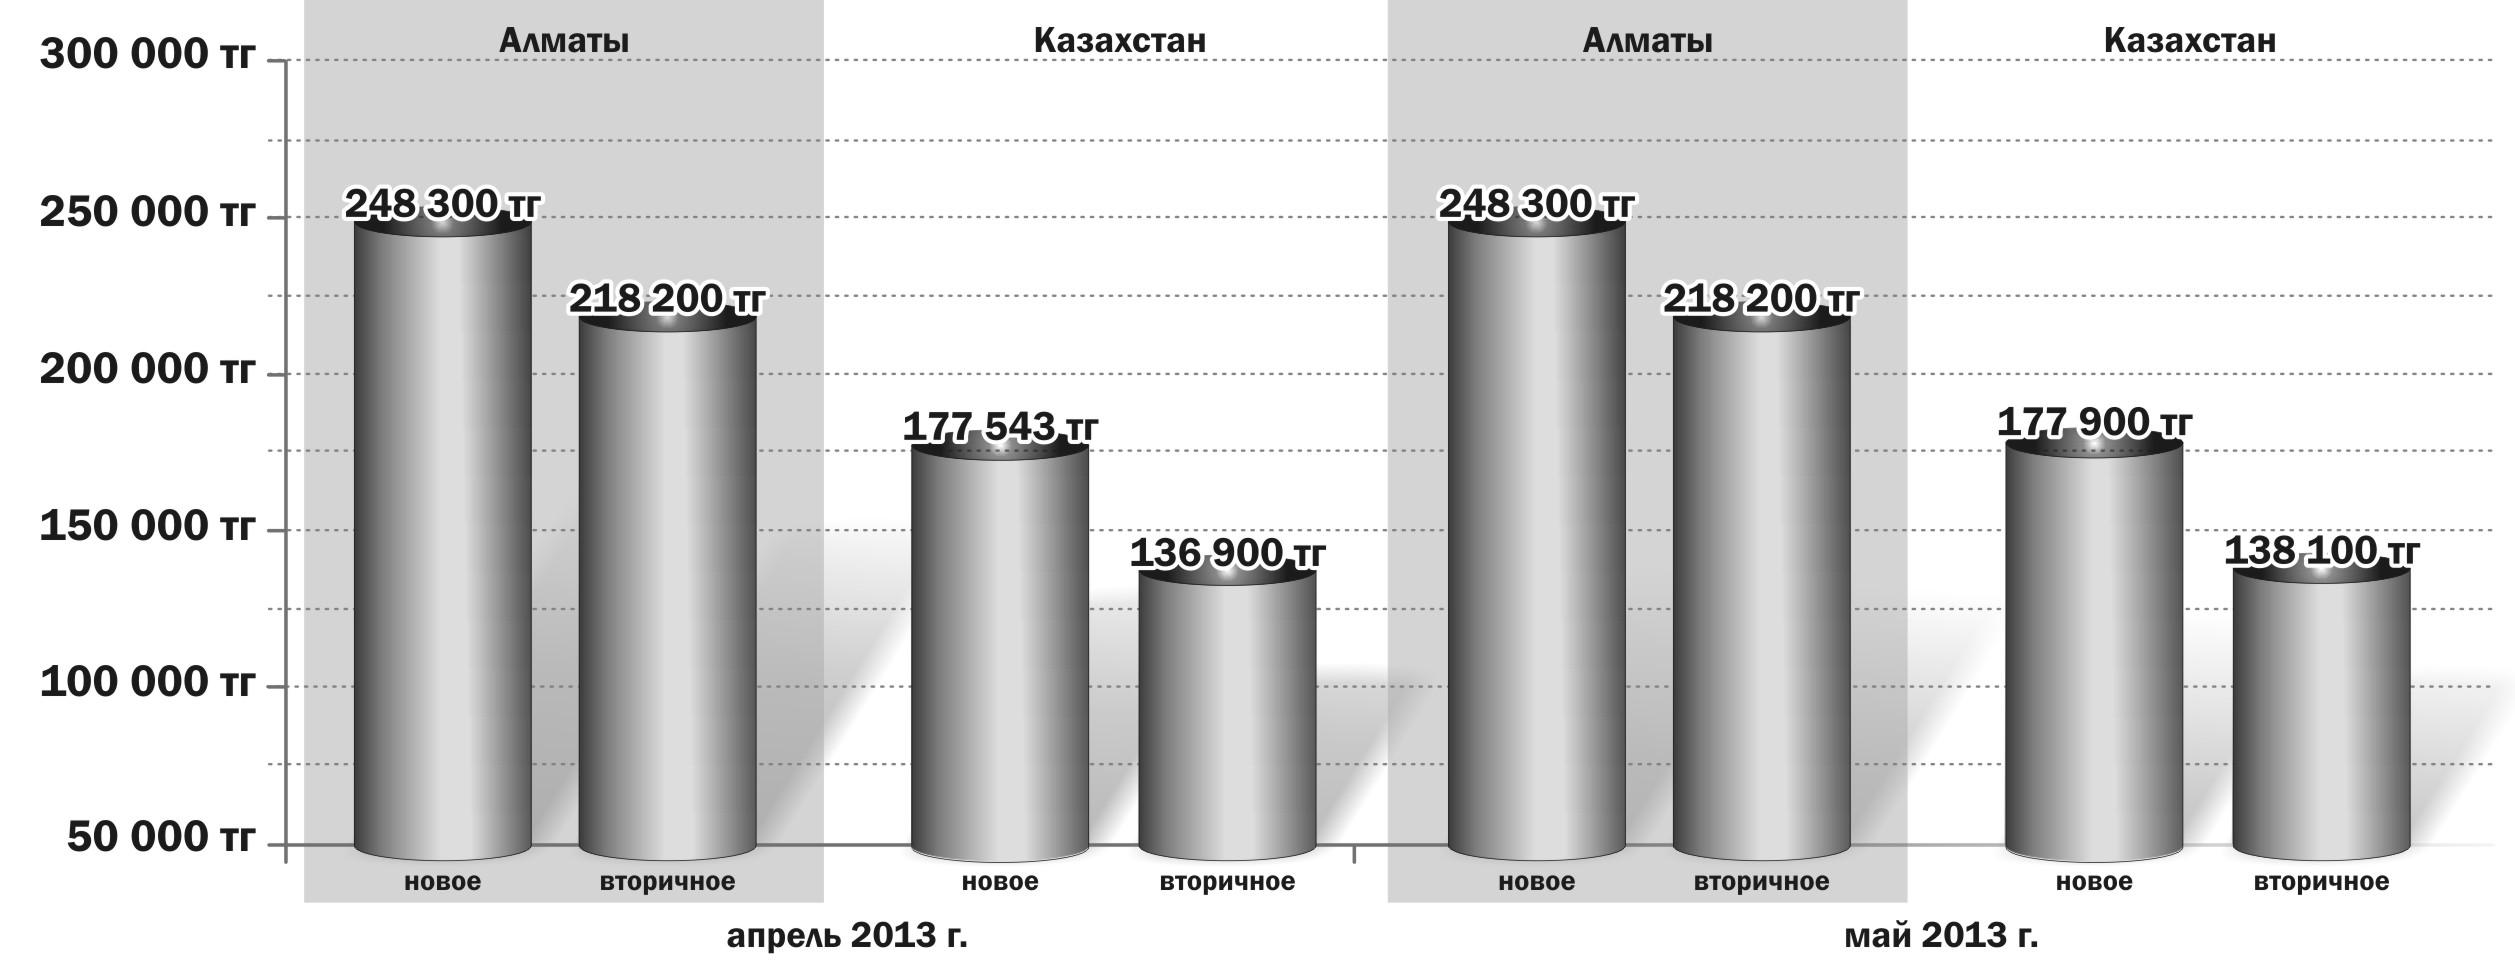 Статьи: Цены на жильё в РК выросли незначительно, а количество сделок уменьшилось